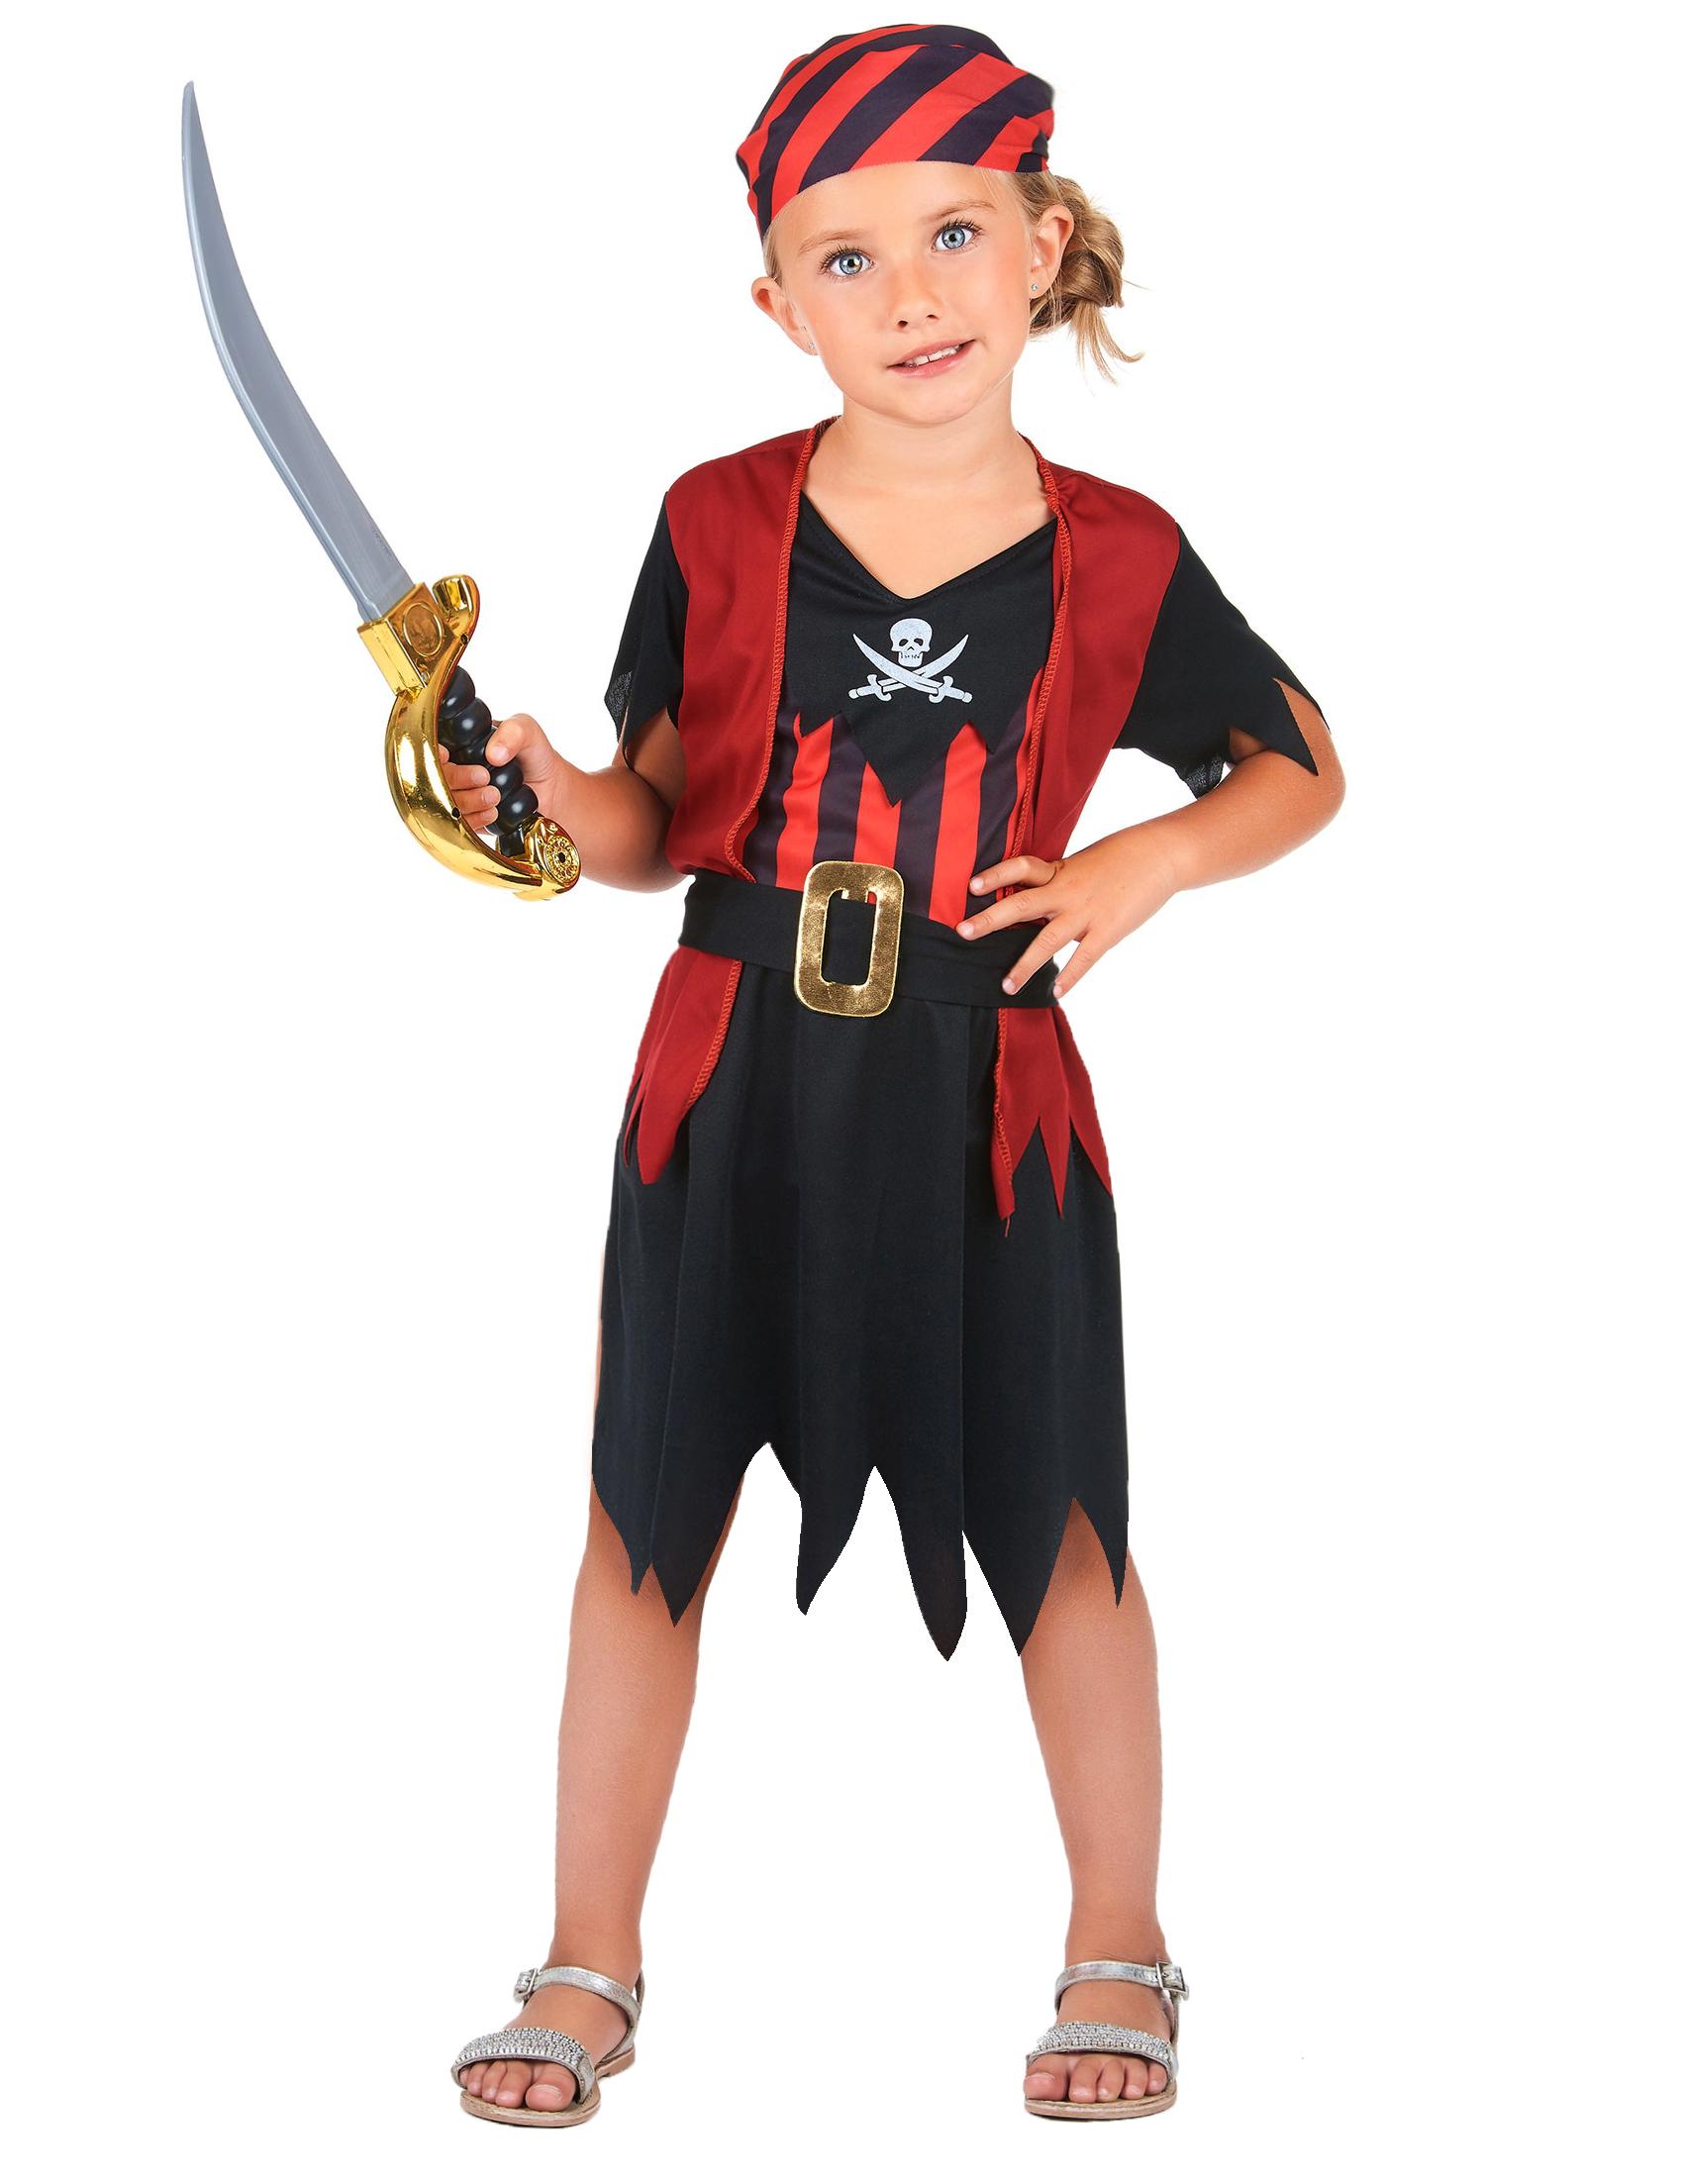 Molto Costume da pirata bambina: Costumi bambini,e vestiti di carnevale  RX19